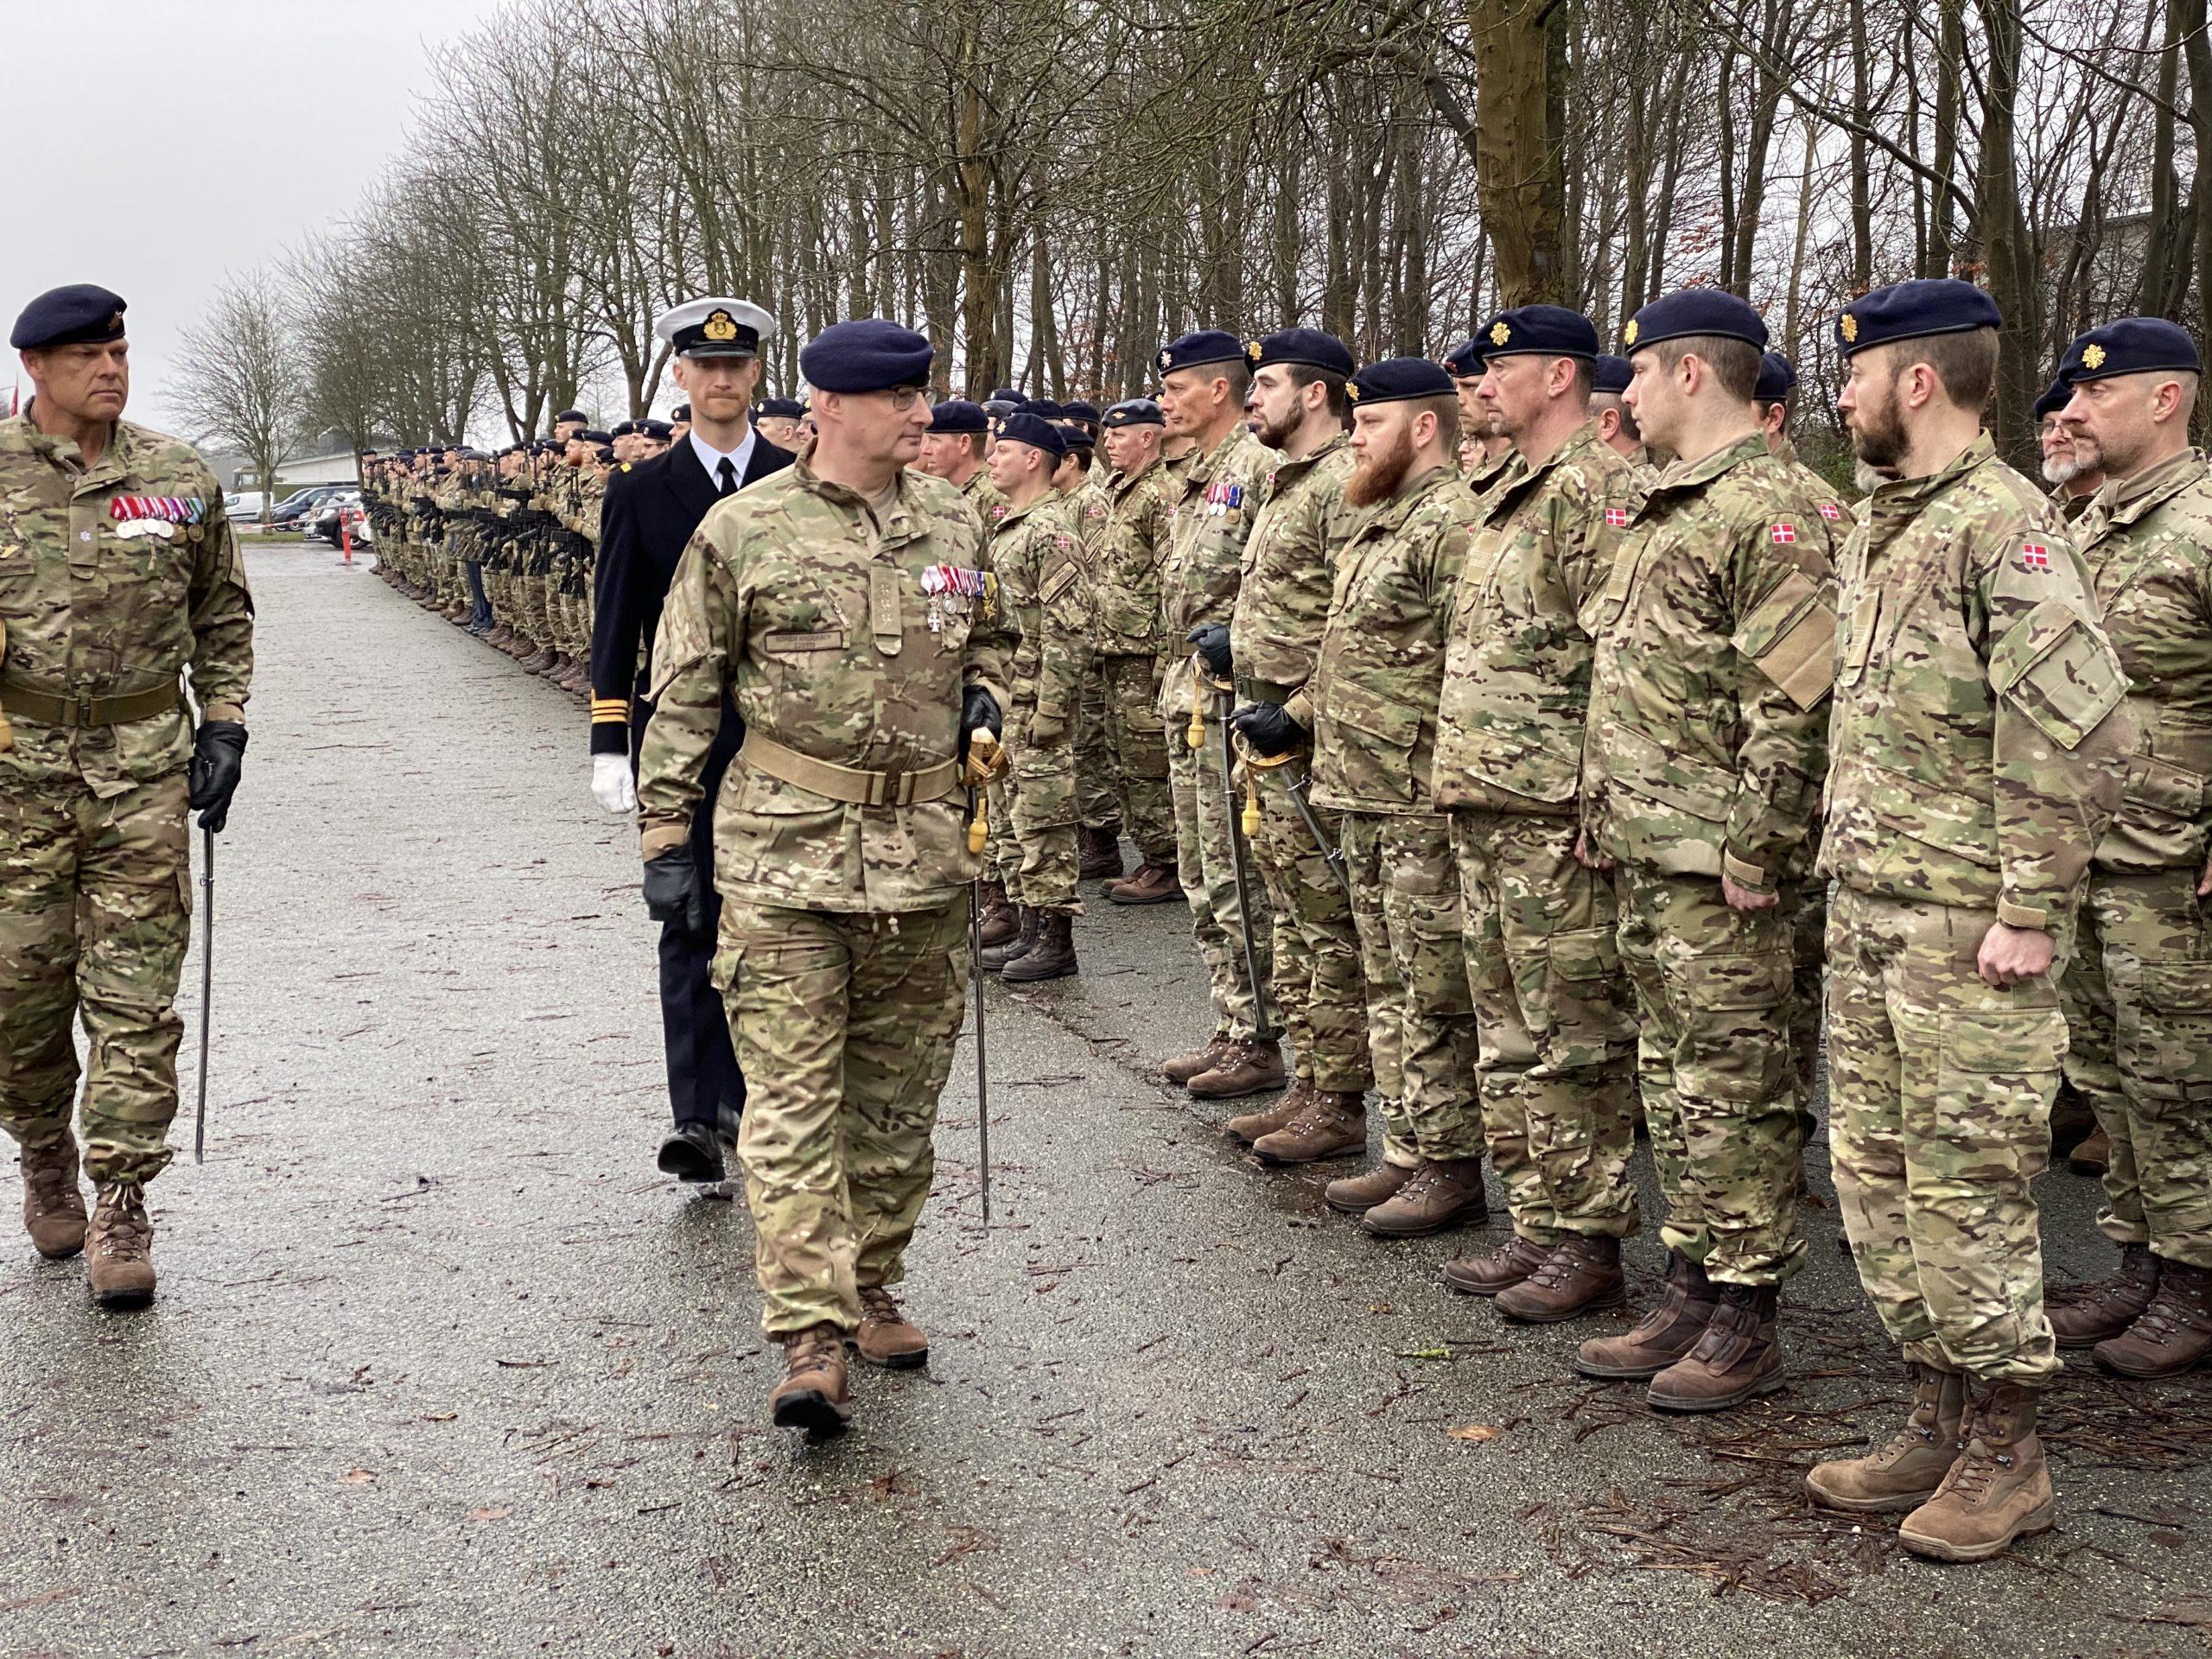 Oberst Søren Andersens tid i Føringsstøtteregimentet er forbi – mandag gav han kommandoen videre til Oberst Henrik Graven Nielsen